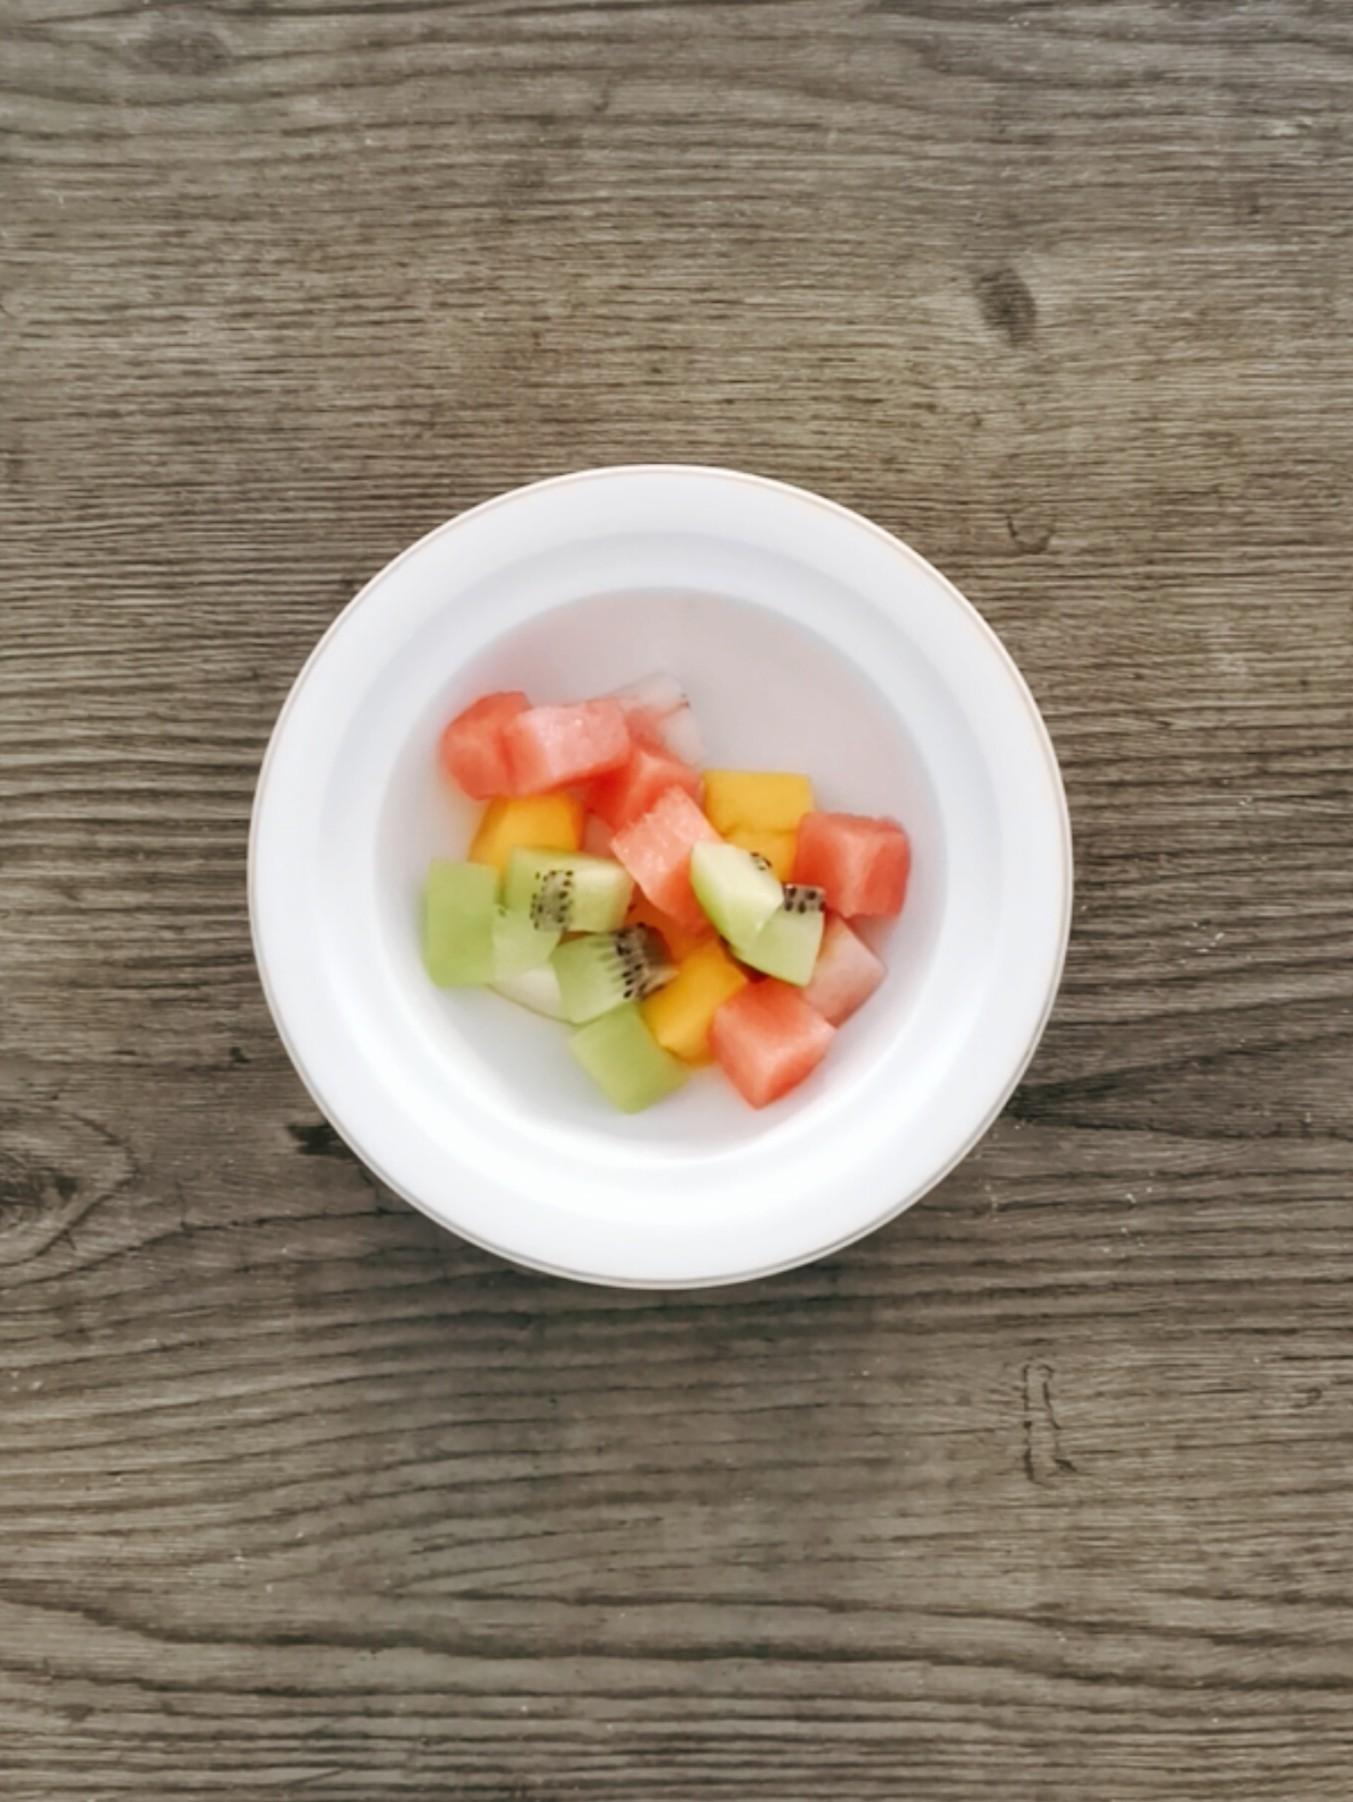 牛奶百合水果捞怎么做